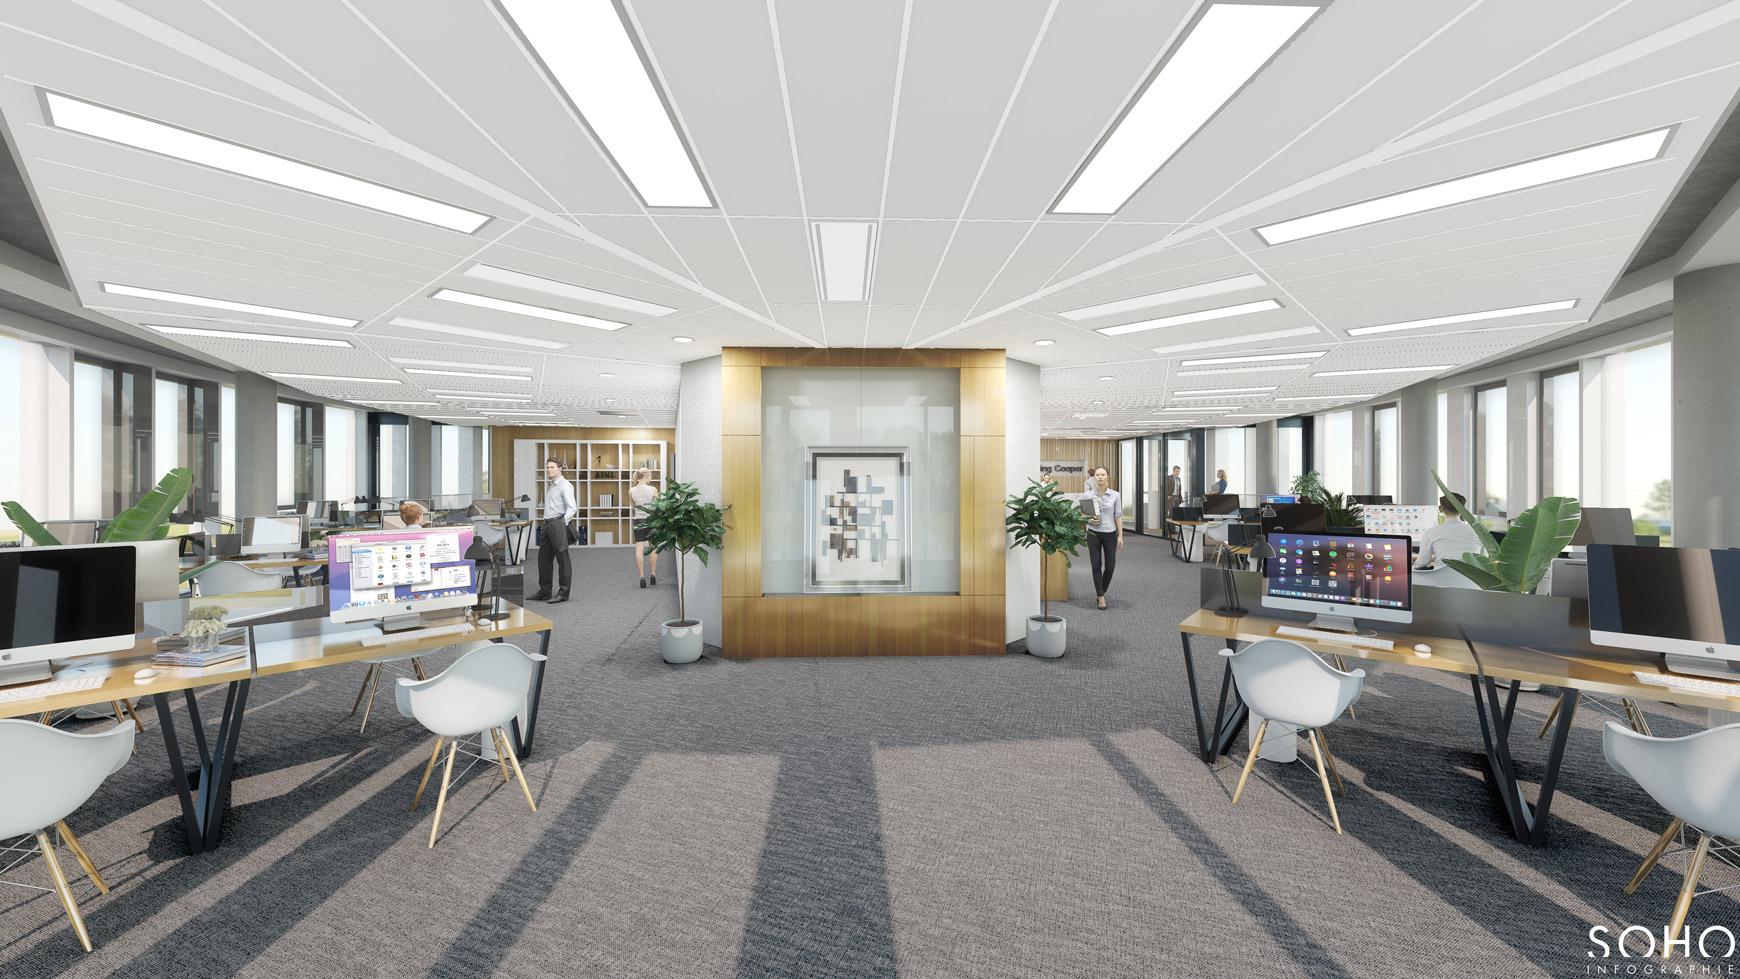 Immeuble de bureaux à Jonage, réalisé par le pôle Tertiaire de l'agence d'architecture SOHO ATLAS IN FINE LYON. Perspective, vue intérieure sur un plateau de bureaux.